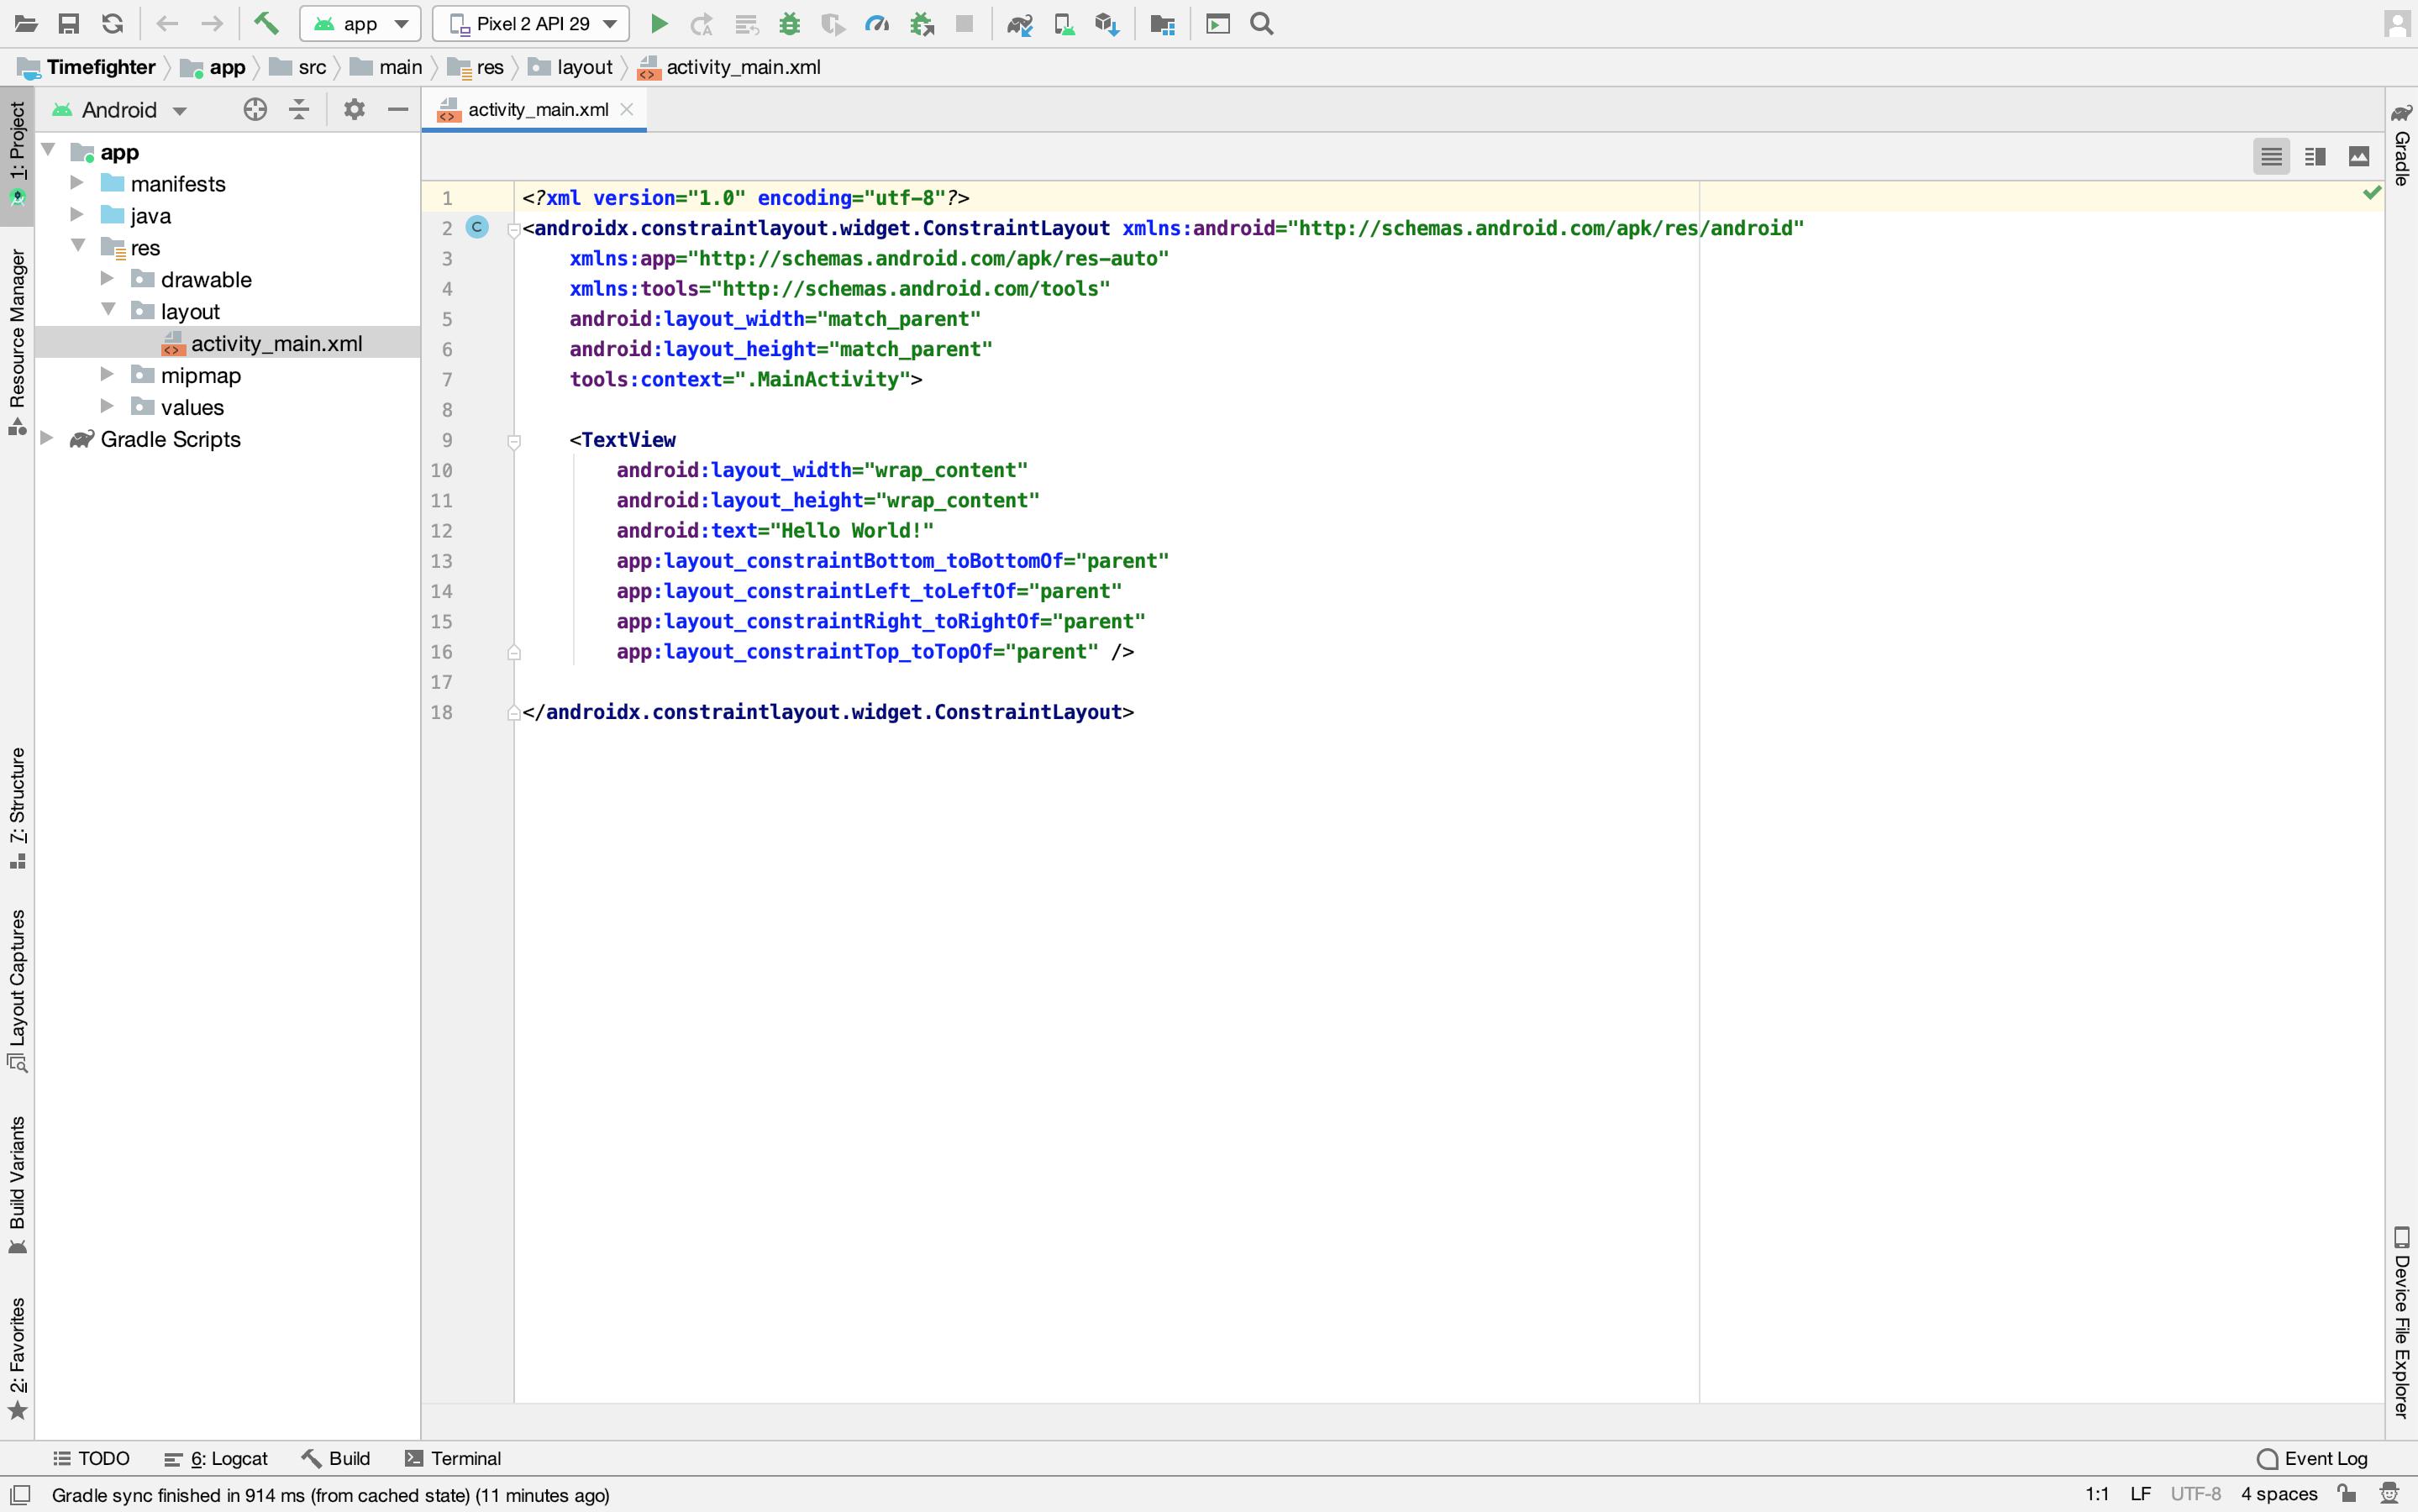 Editing activity_main.xml using the XML Editor